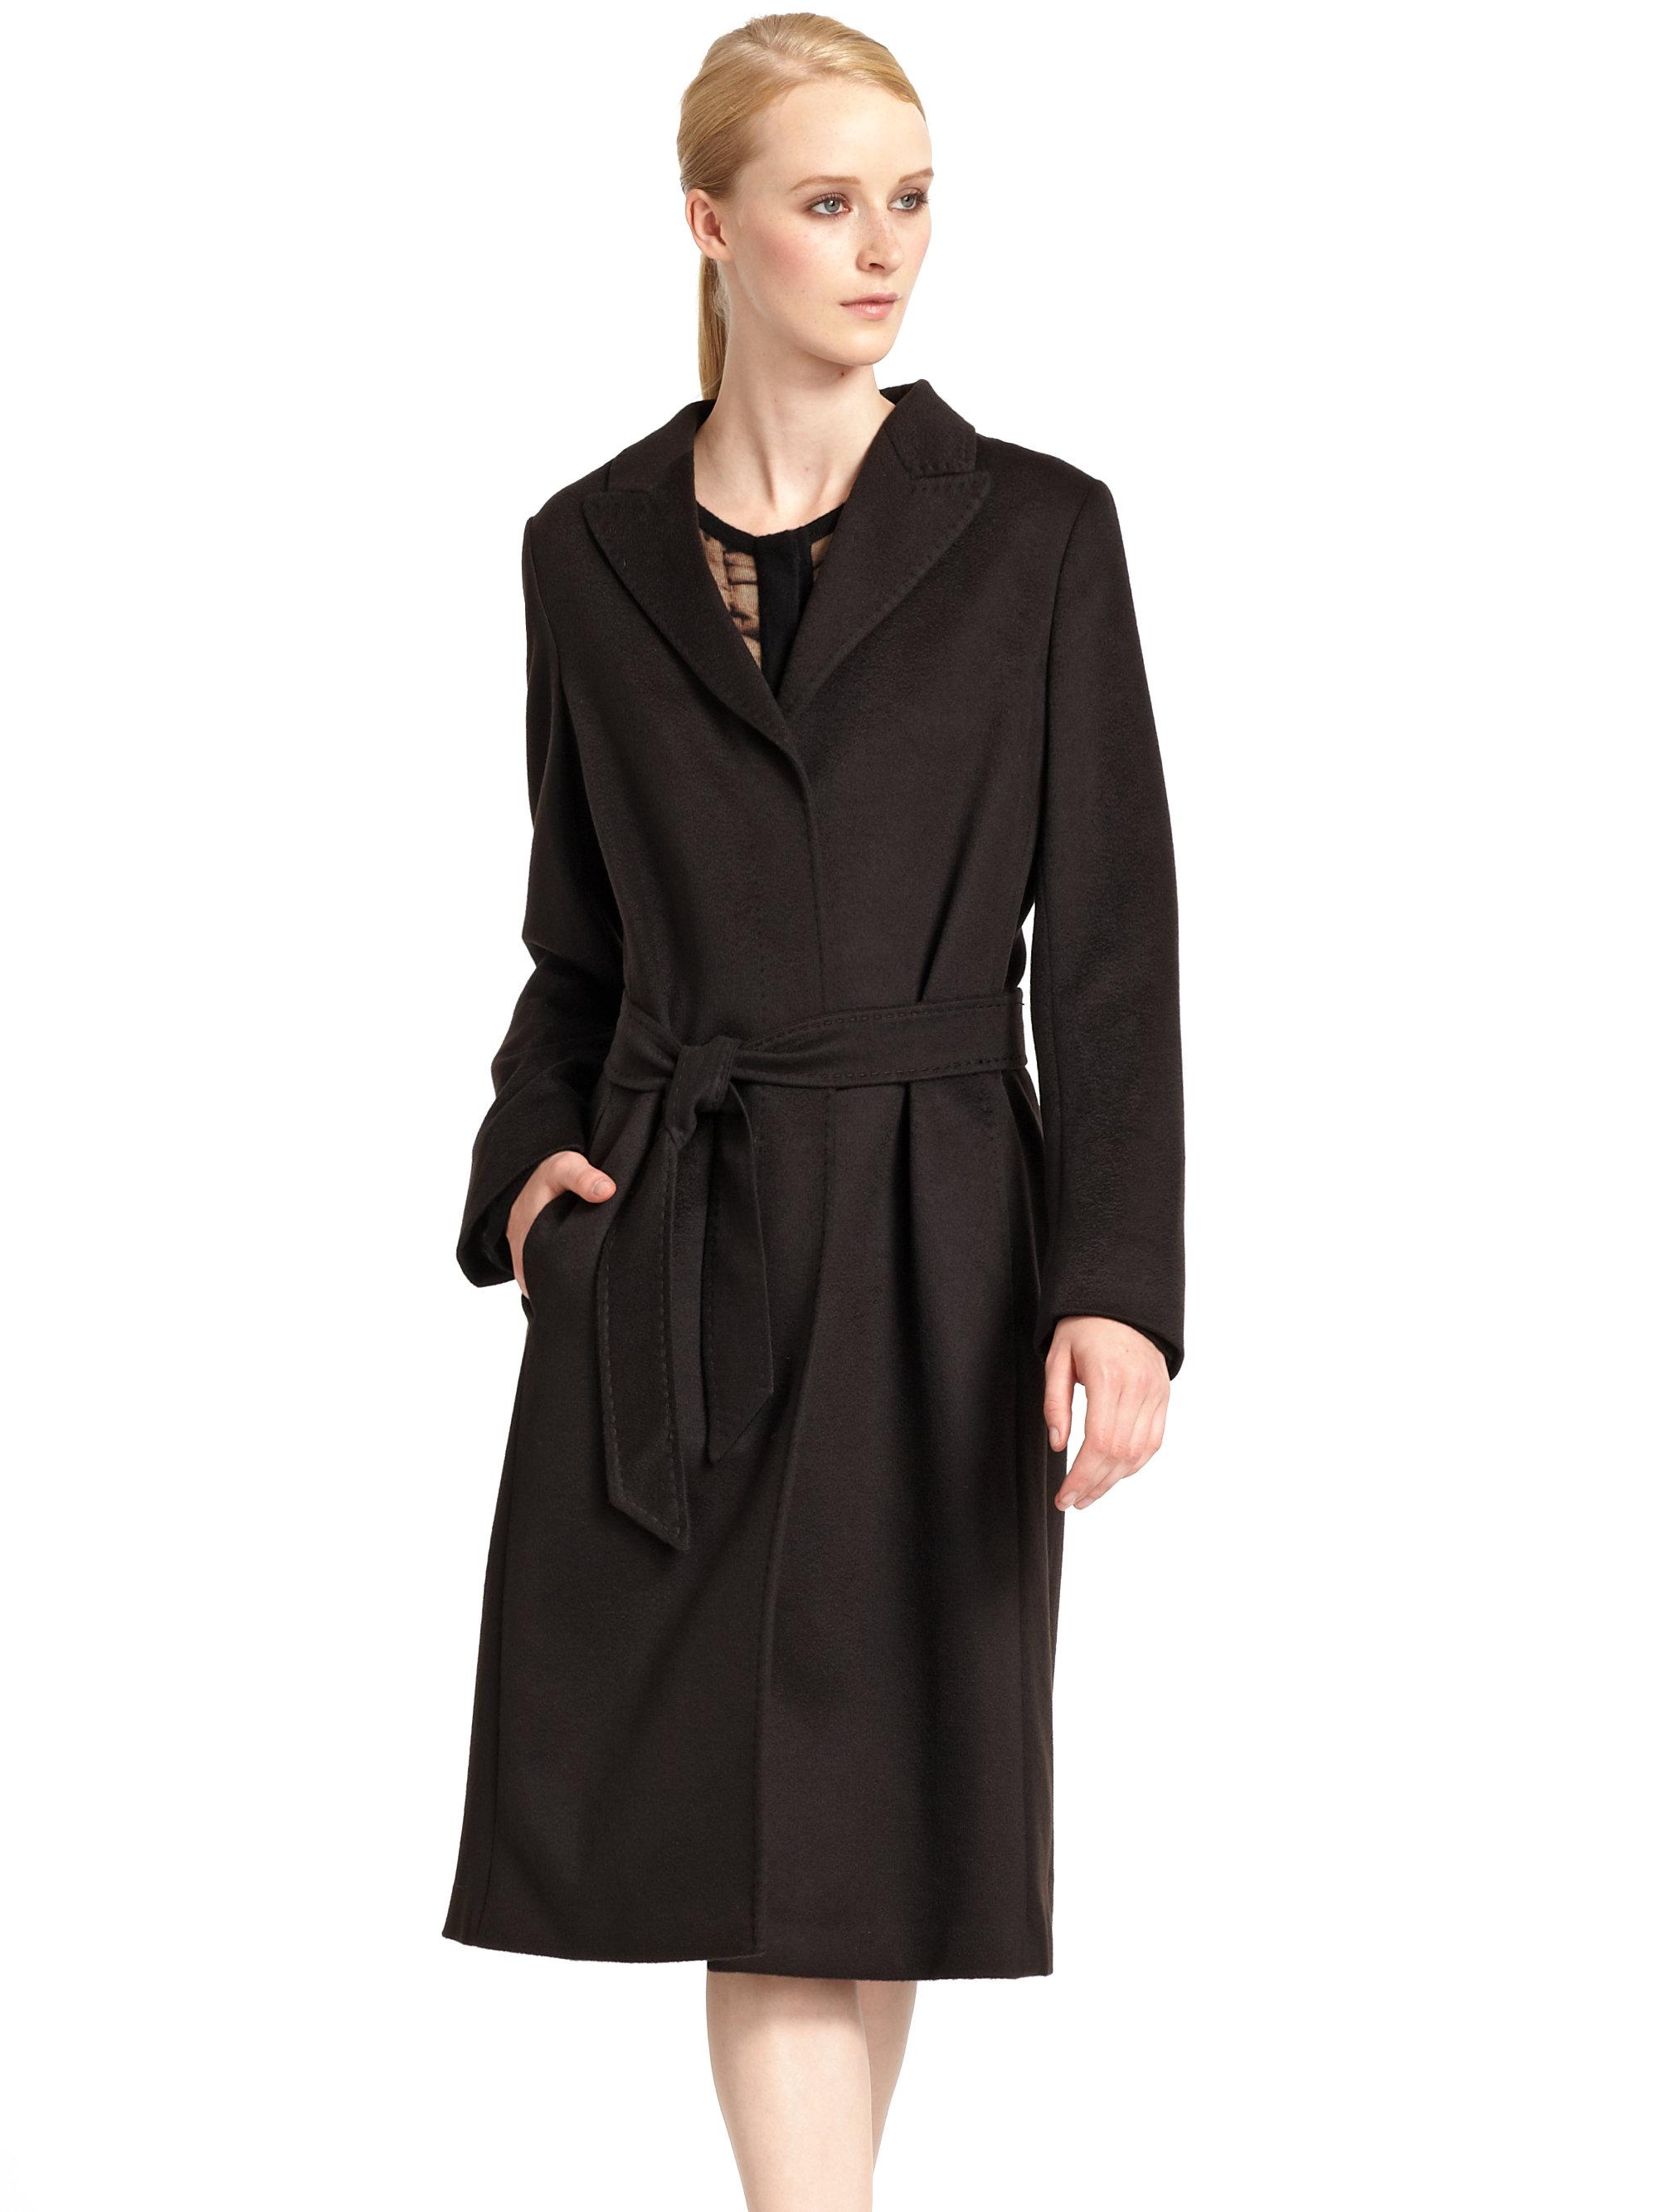 Max mara studio Rapido Cashmere Coat in Black | Lyst